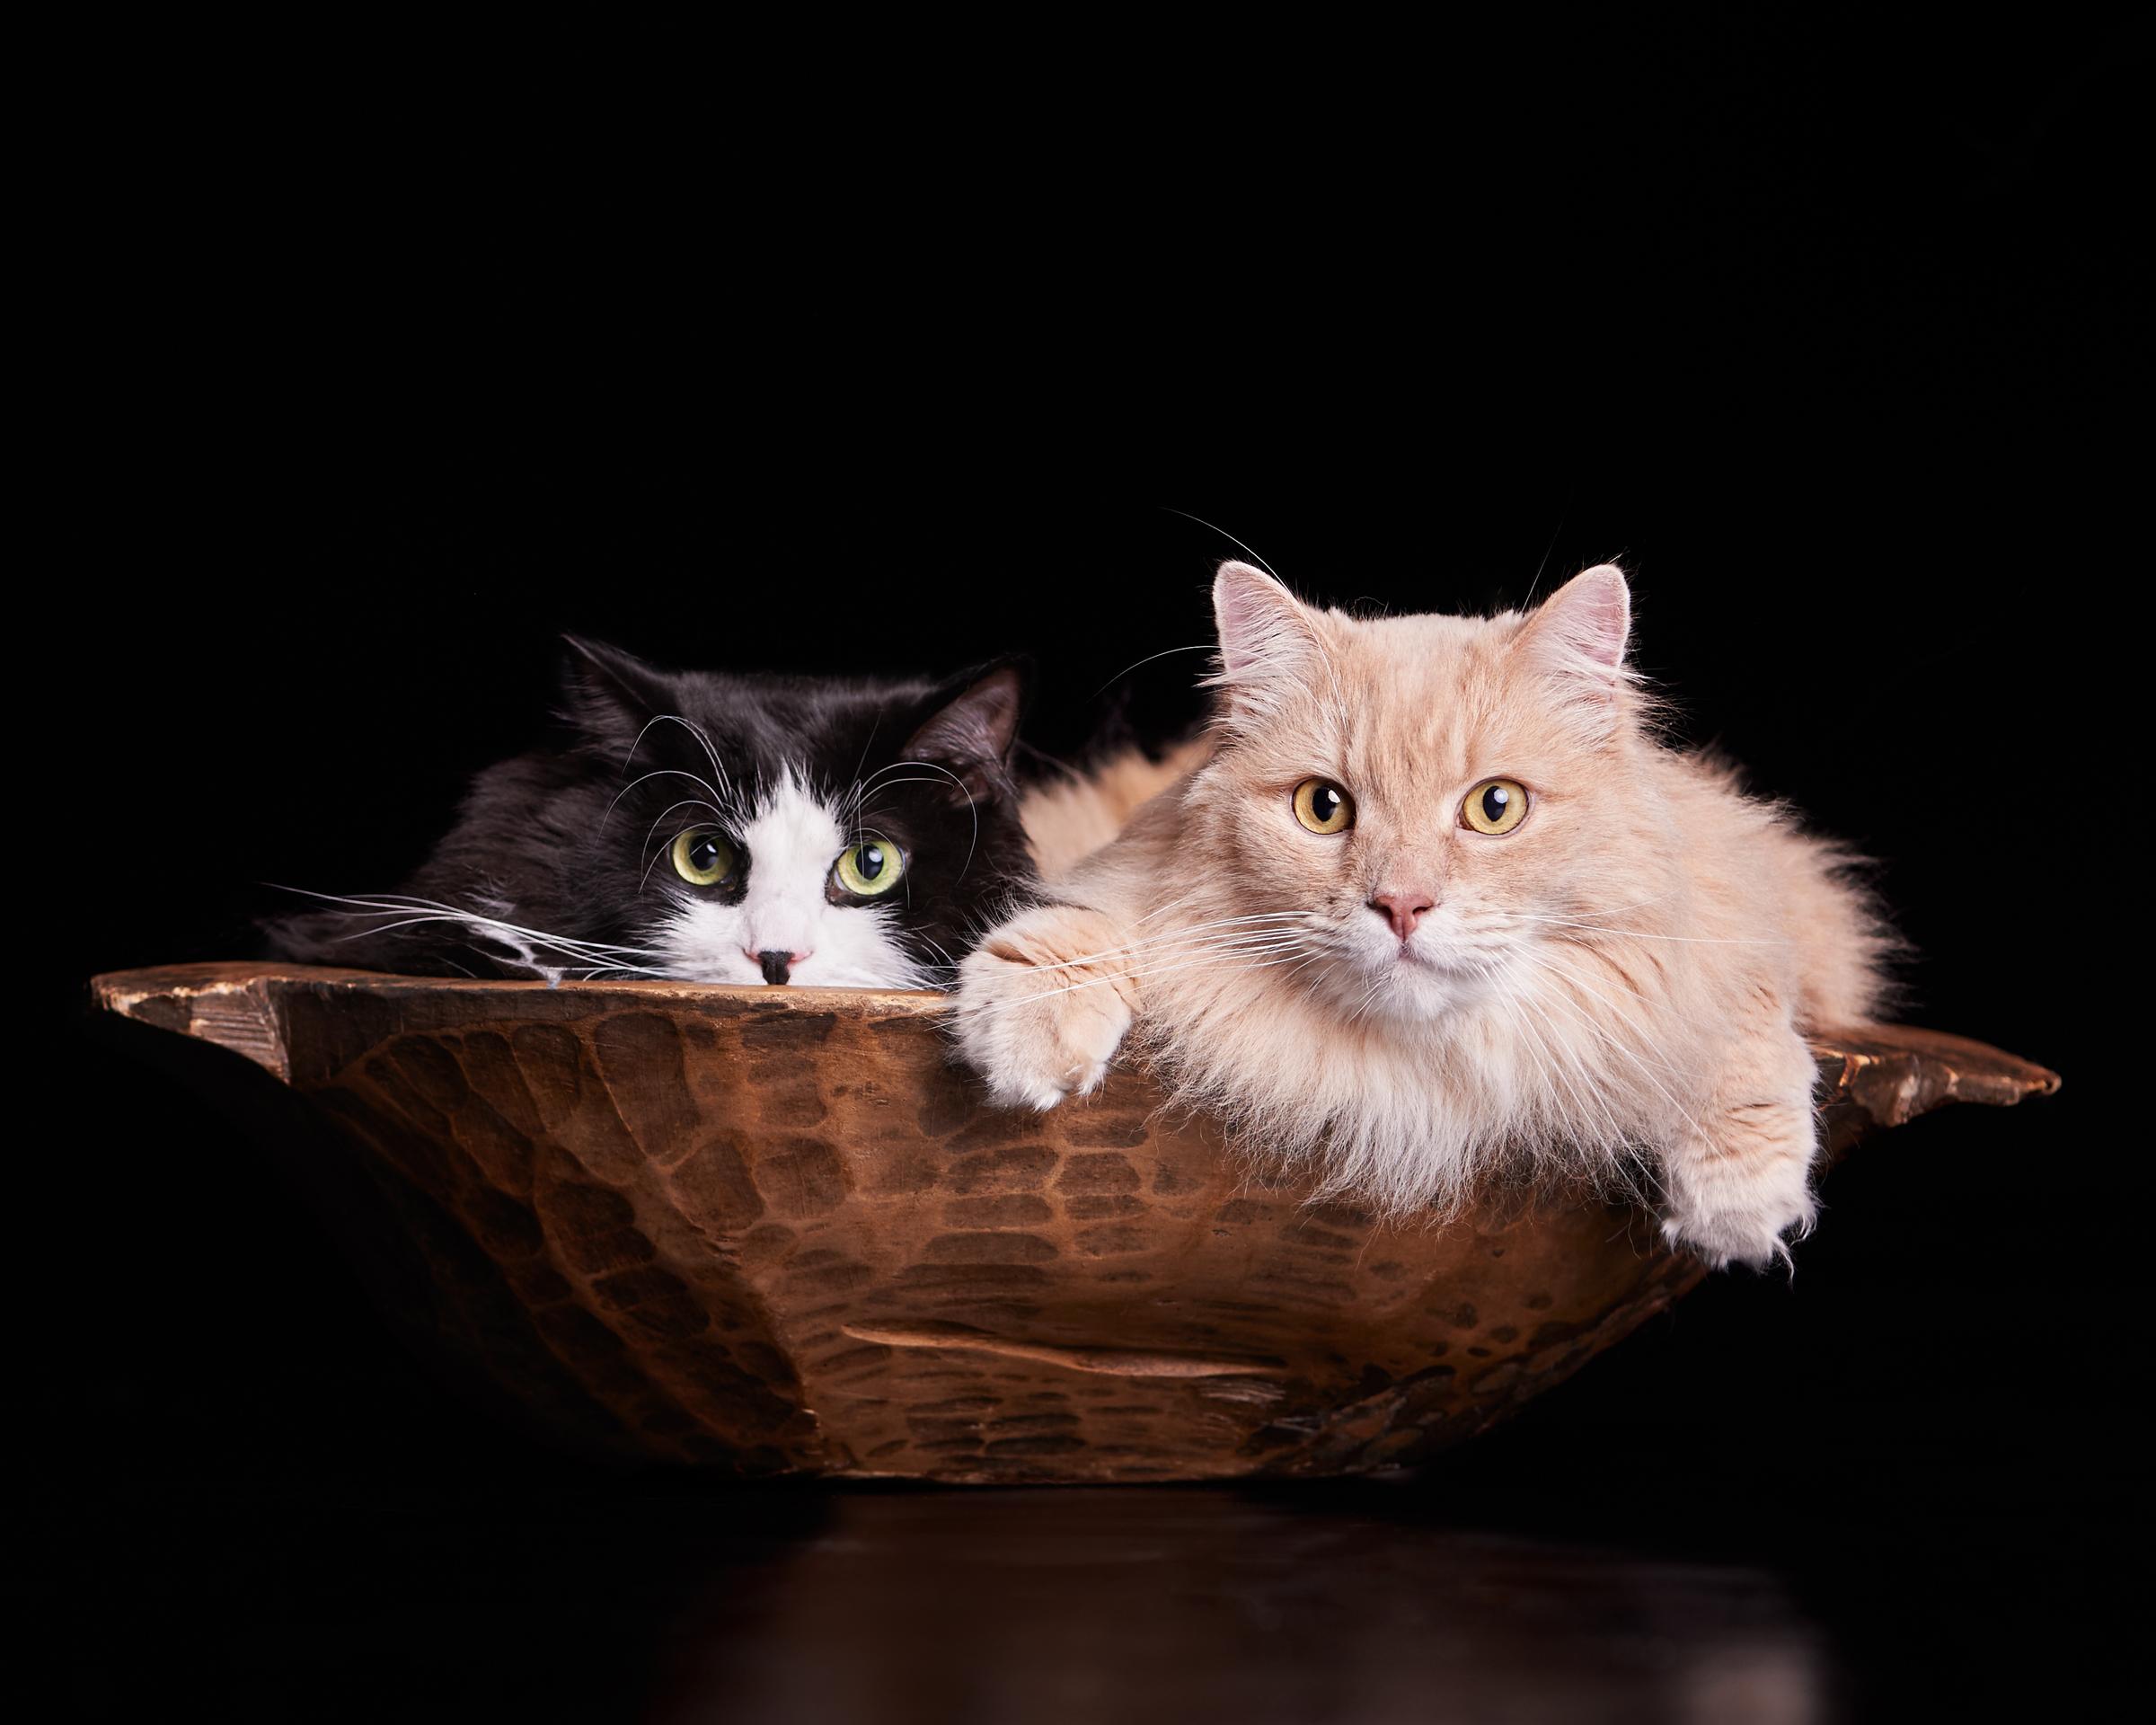 bowl_cat_four_paws_portrait_pet_photography